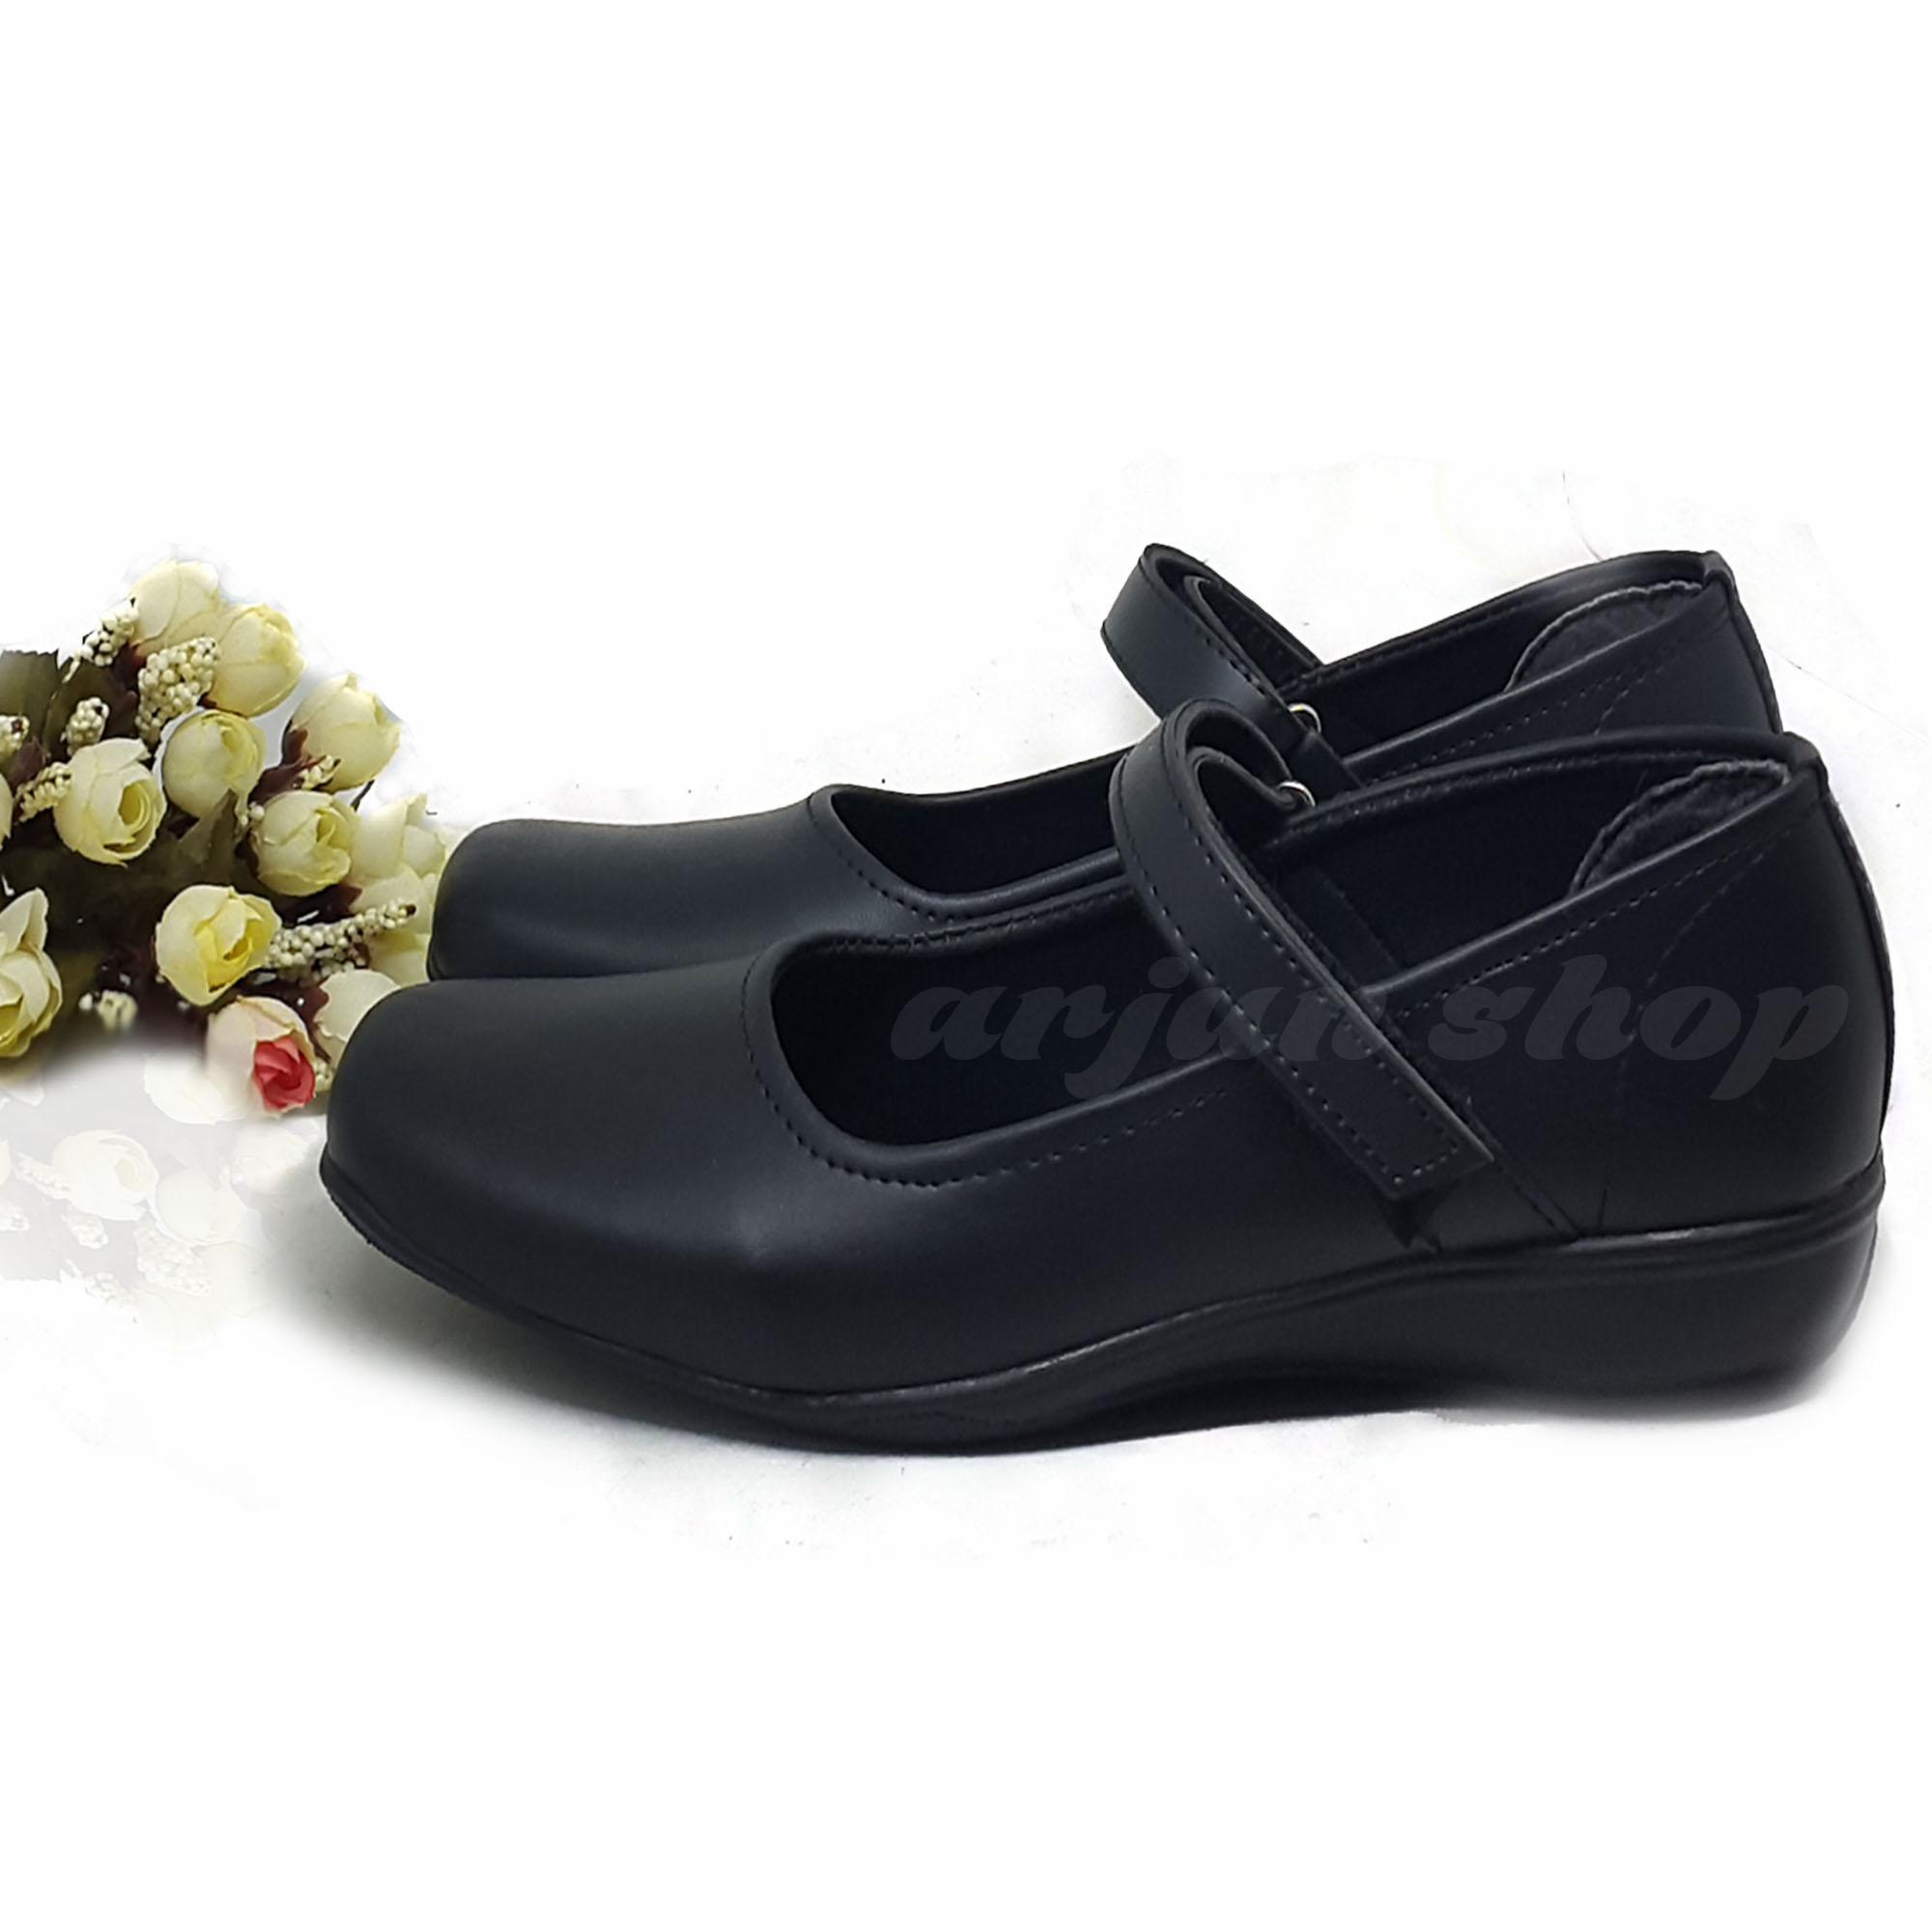 Sepatu Fantofel Paskibra Sepatu Sekolah Formal Wanita 007 - Hitam